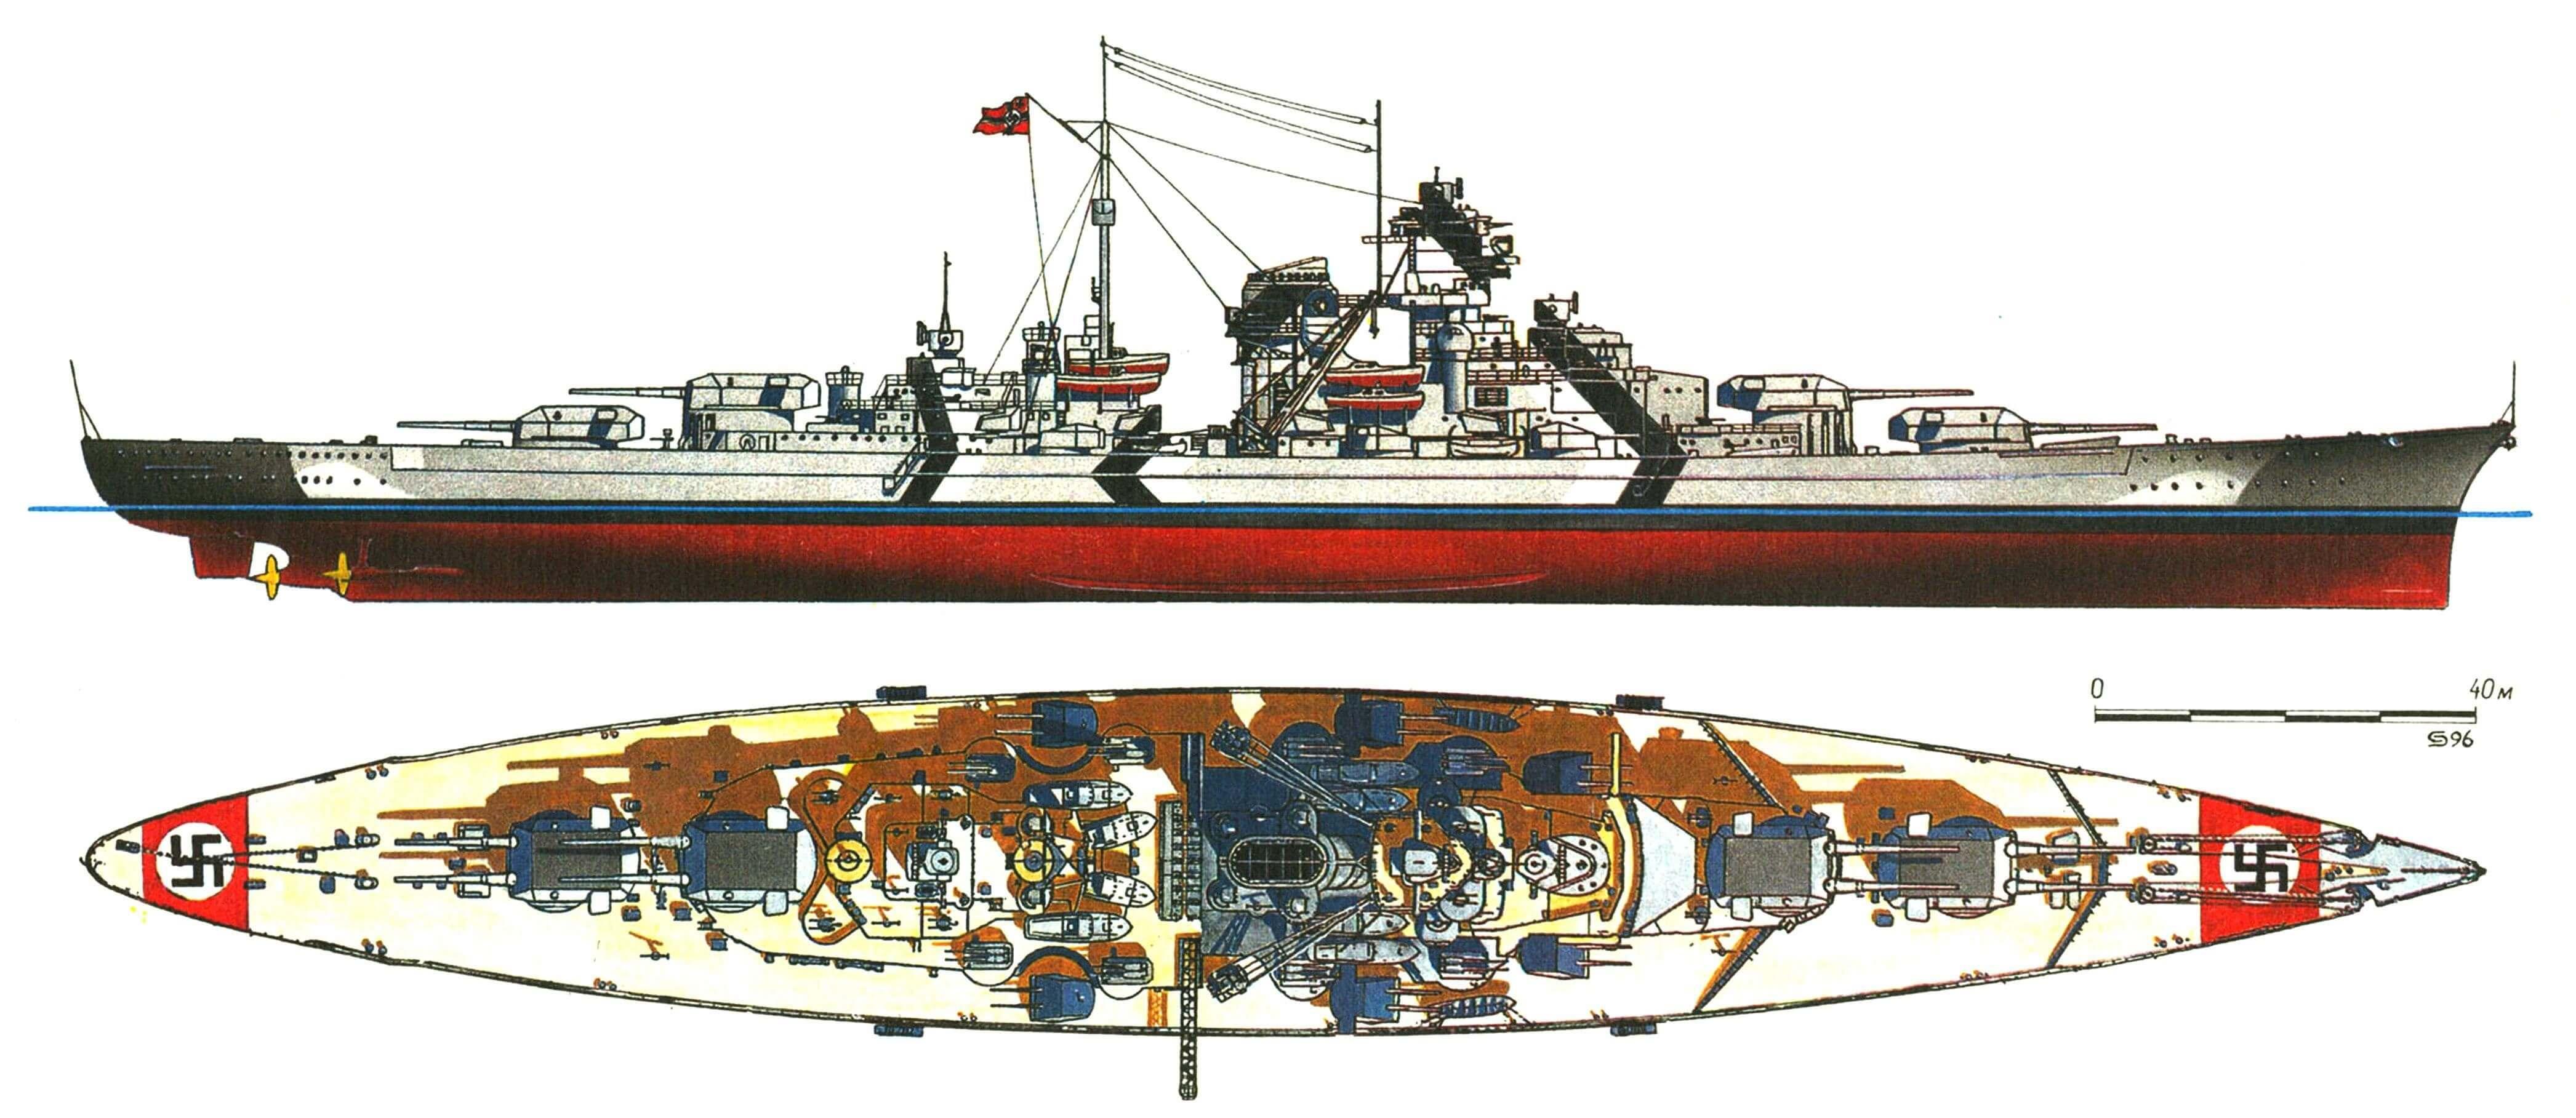 231. Линкор «БИСМАРК», Германия, 1940 г. Заложен в 1936 г., спущен на воду в 1939 г. Водоизмещение стандартное 41 700 т, нормальное 45 950 т, полное 50 300 т. Длина наибольшая 251 м, ширина 36 м, осадка 9,9 м. Мощность паротурбинной установки 150 000 л.с., скорость 30 уз. Броня: пояс 320—170 мм, верхний пояс 145—120 мм, палубы 50 + 80 мм, башни до 360 мм, башни среднего калибра до 100 мм, рубка до 350 мм. Вооружение: восемь 380-мм и двенадцать 150-мм орудий, шестнадцать 105-мм зениток, шестнадцать 37-мм и двенадцать 20-мм автоматов, 8 торпедных аппаратов (установлены в 1942 г. только на «Тирпице»), 6 гидросамолетов. Всего построено 2 единицы: «Бисмарк» и «Тирпиц» (1941 г.). Последний имел полное водоизмещение 52 600 т.